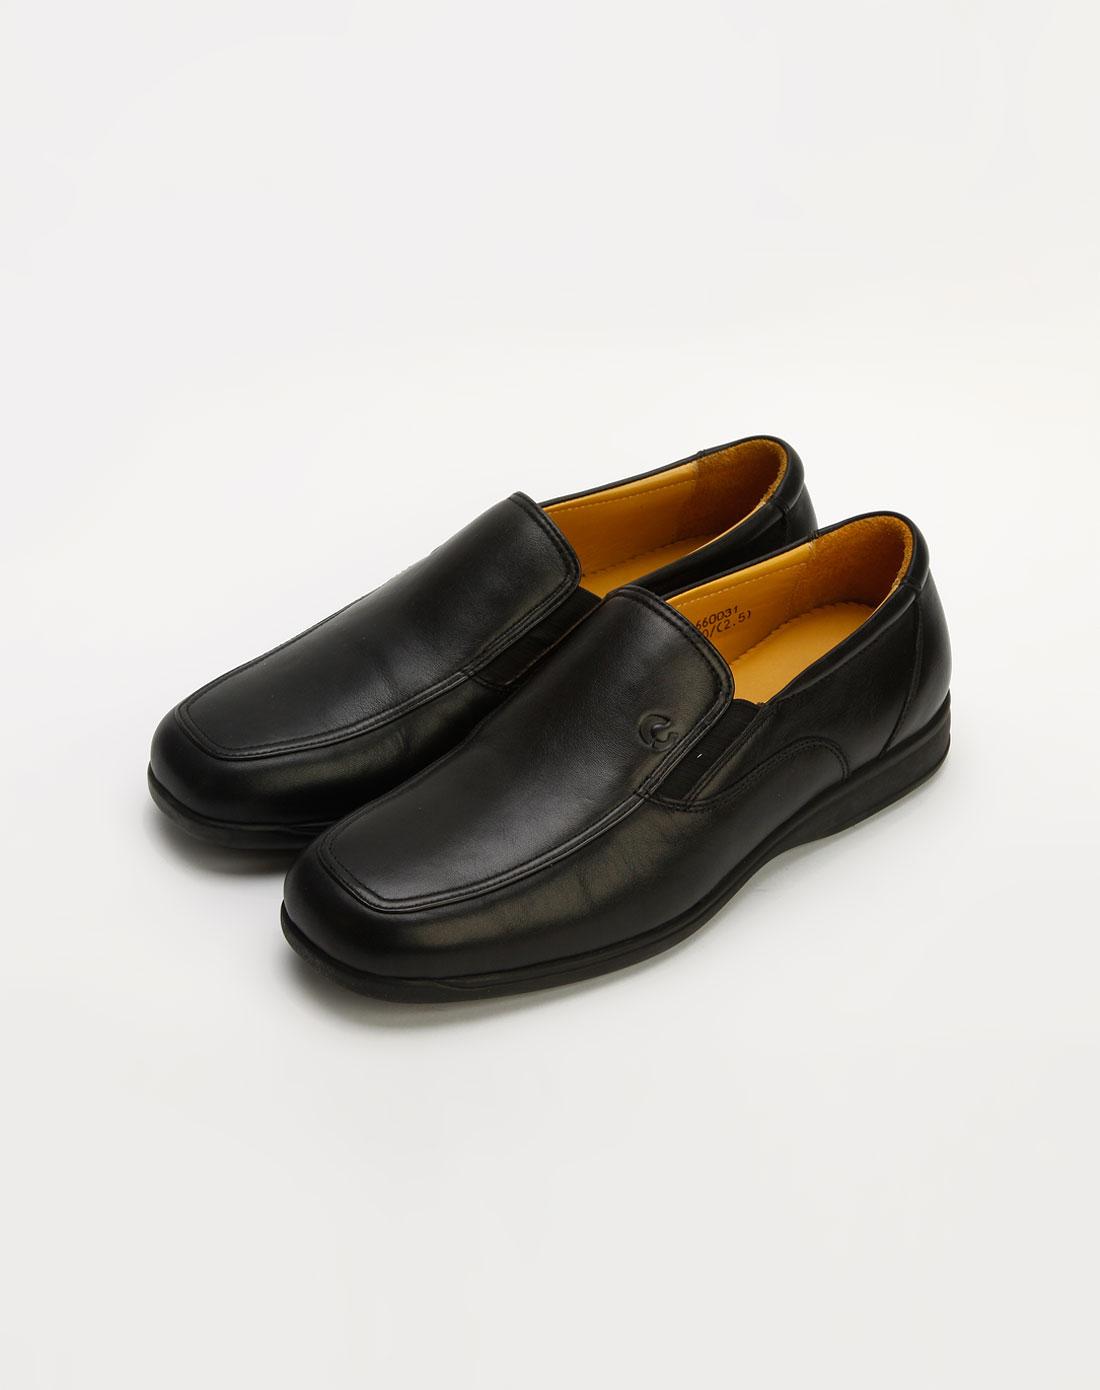 黑色套脚皮鞋_傲士ostrich官网特价1.1-4.4折